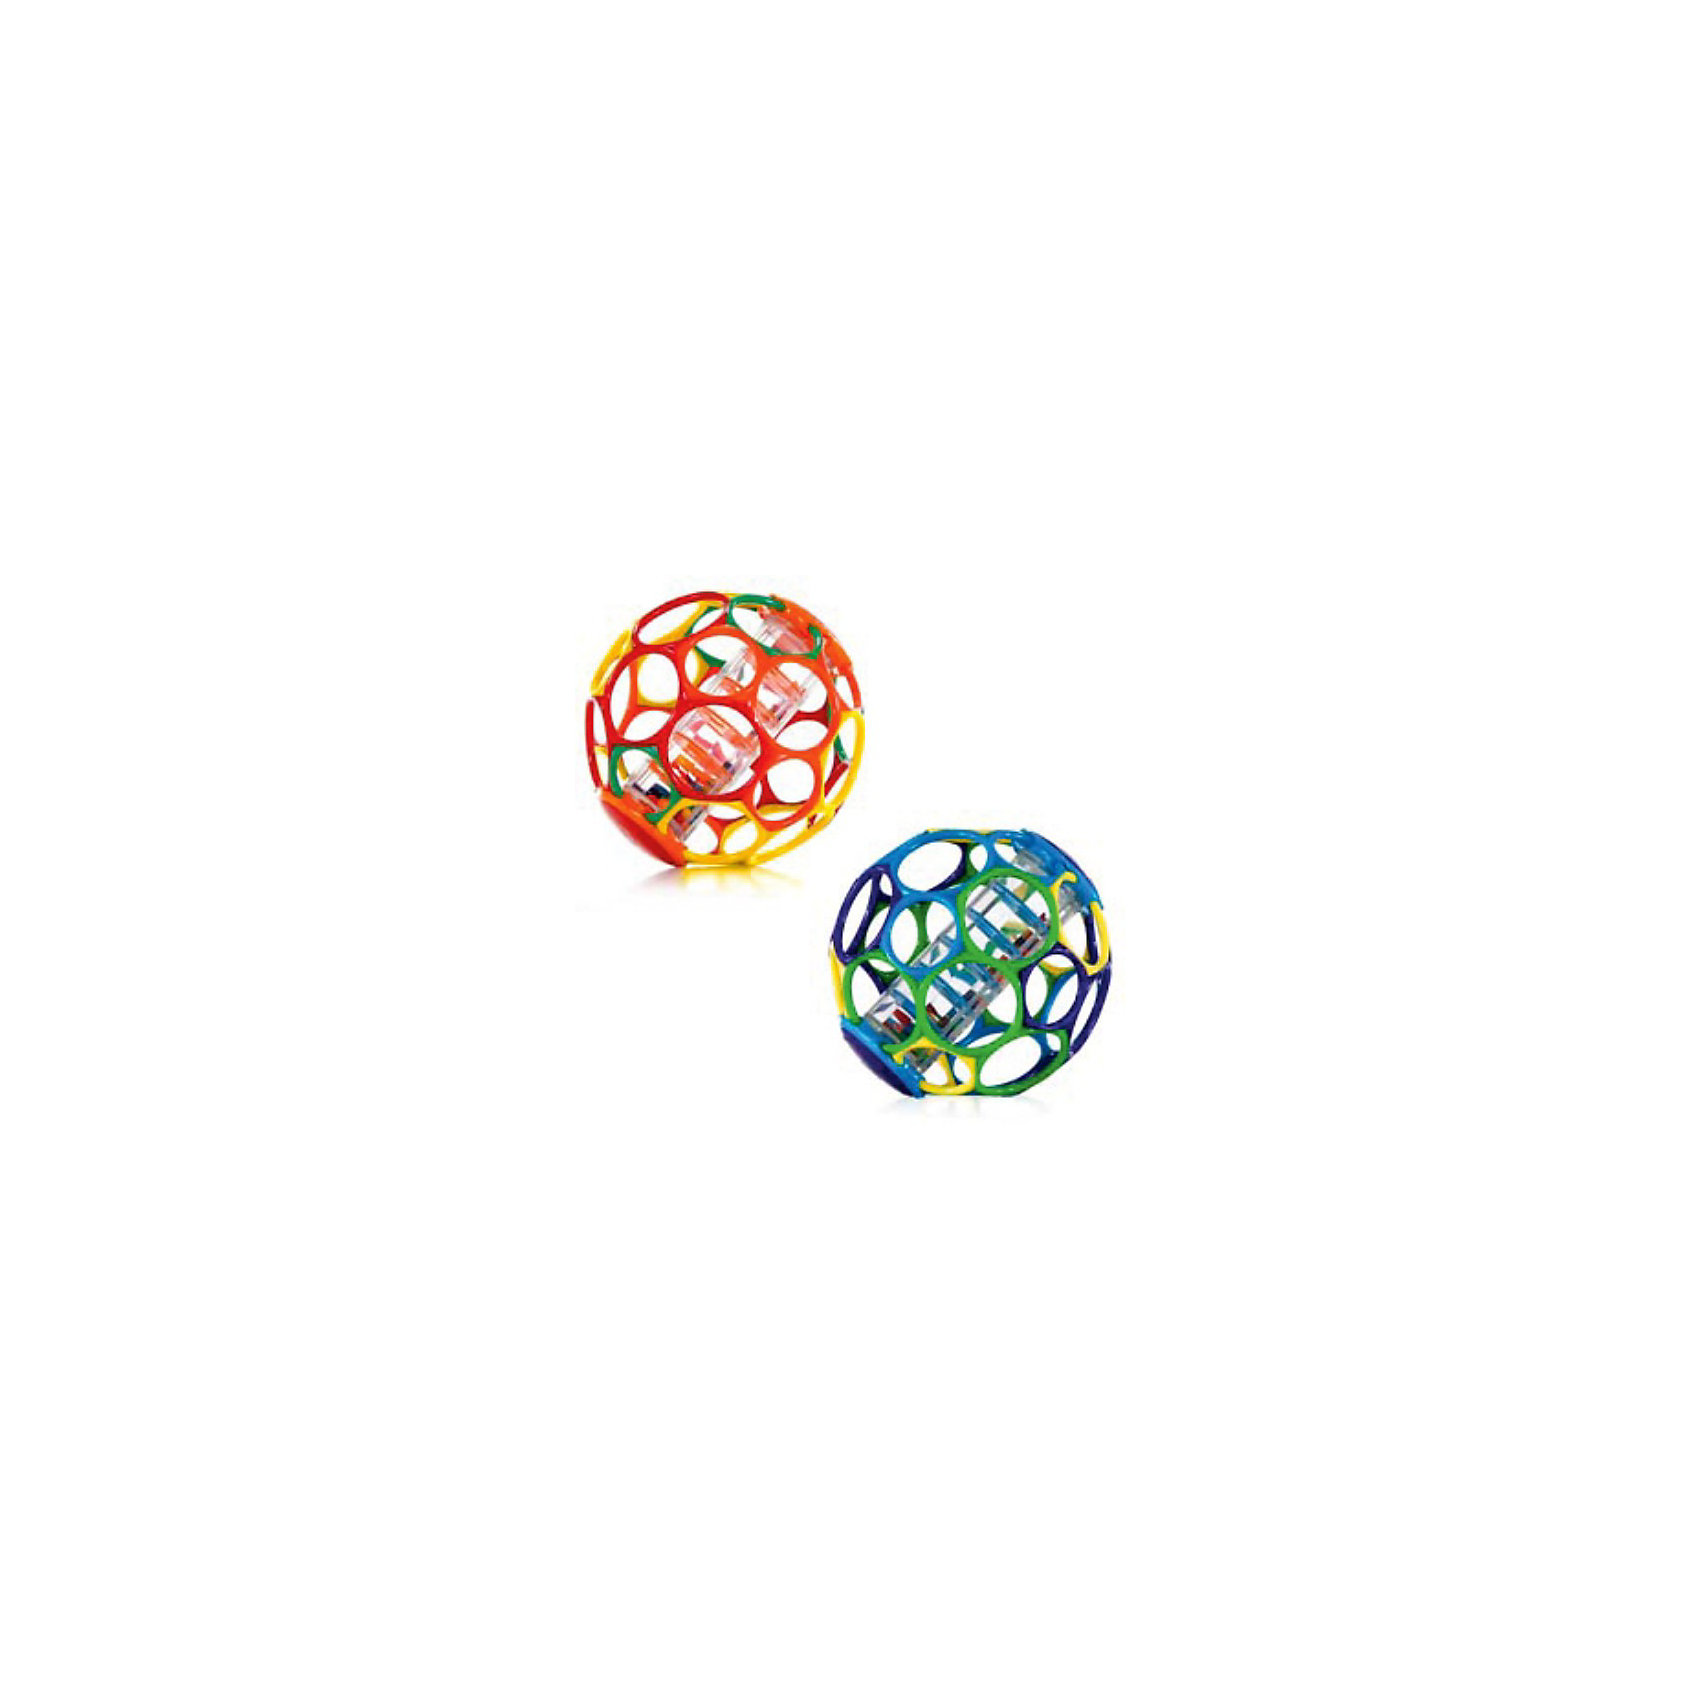 RU Мячик с погремушкой OballПогремушки<br>Этот яркий гибкий мяч издает забавные звуки, когда малыш его трясет!<br><br>Особенности<br>30 дырочек для детских пальчиков – удобно держать даже малышу<br>Мягкий гибкий пластик приятен на ощупь, не поранит ребенка<br>Палочка с бусинами издает забавные звуки, когда малыш трясет мячик<br>Развивает мелкую моторику, зрение и слух<br>Подходит для  детей всех возрастов<br><br><br>Дополнительные характеристики<br> В ассортименте 2 цвета<br> Не содержит вредных веществ<br> Можно мыть в посудомоечной машине<br>Диаметр мячика: 15 см<br><br>Ширина мм: 152<br>Глубина мм: 152<br>Высота мм: 152<br>Вес г: 405<br>Возраст от месяцев: 0<br>Возраст до месяцев: 24<br>Пол: Унисекс<br>Возраст: Детский<br>SKU: 3400195